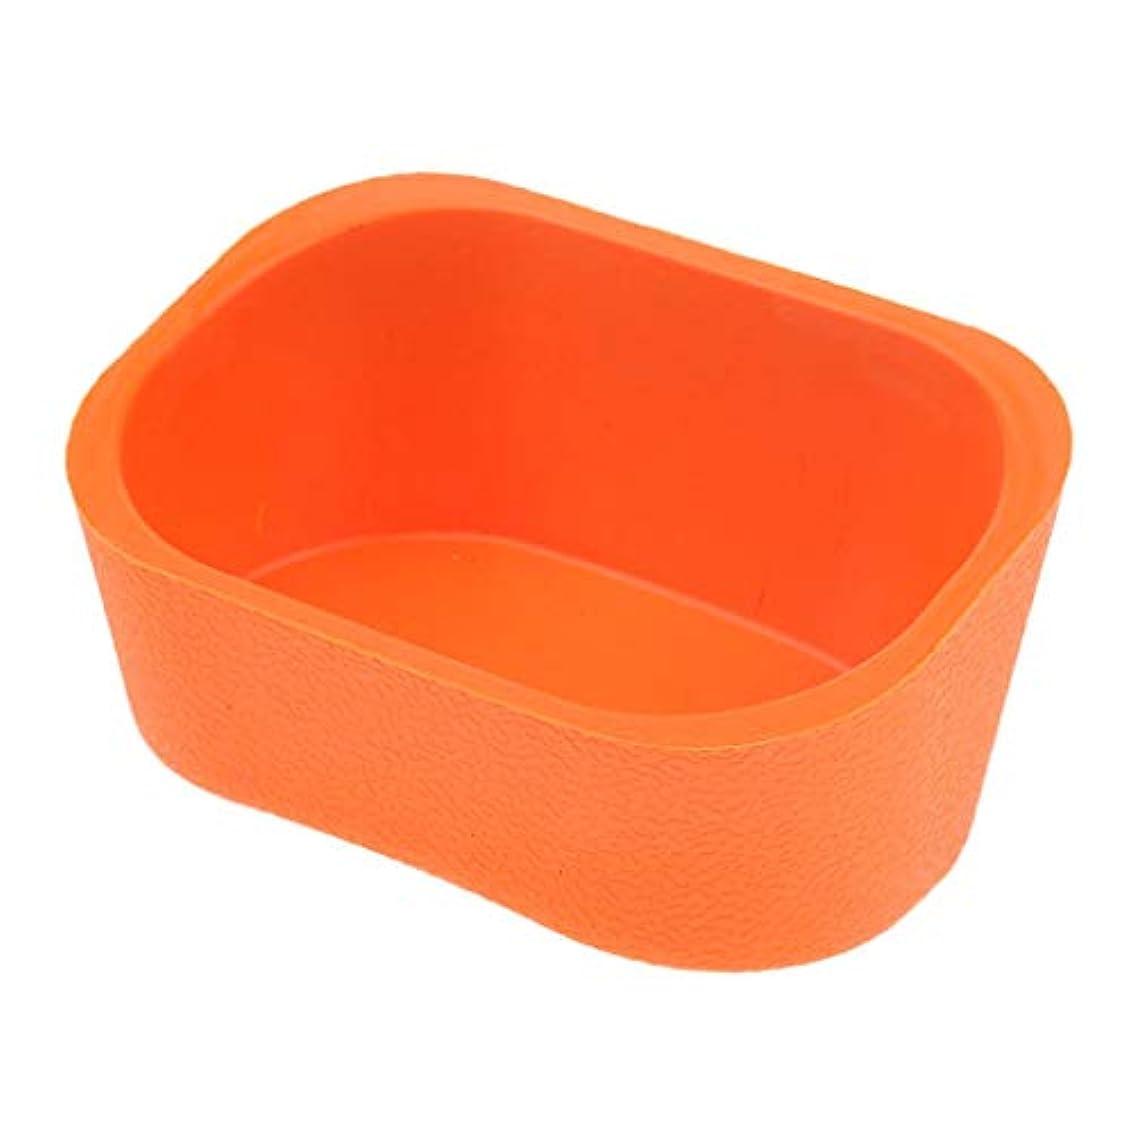 タールレビュー電気技師Baoblaze シャンプーボウル ネックレス クッション ピロー ヘアサロン ソフト シリコンゲル 5色選べ - オレンジ